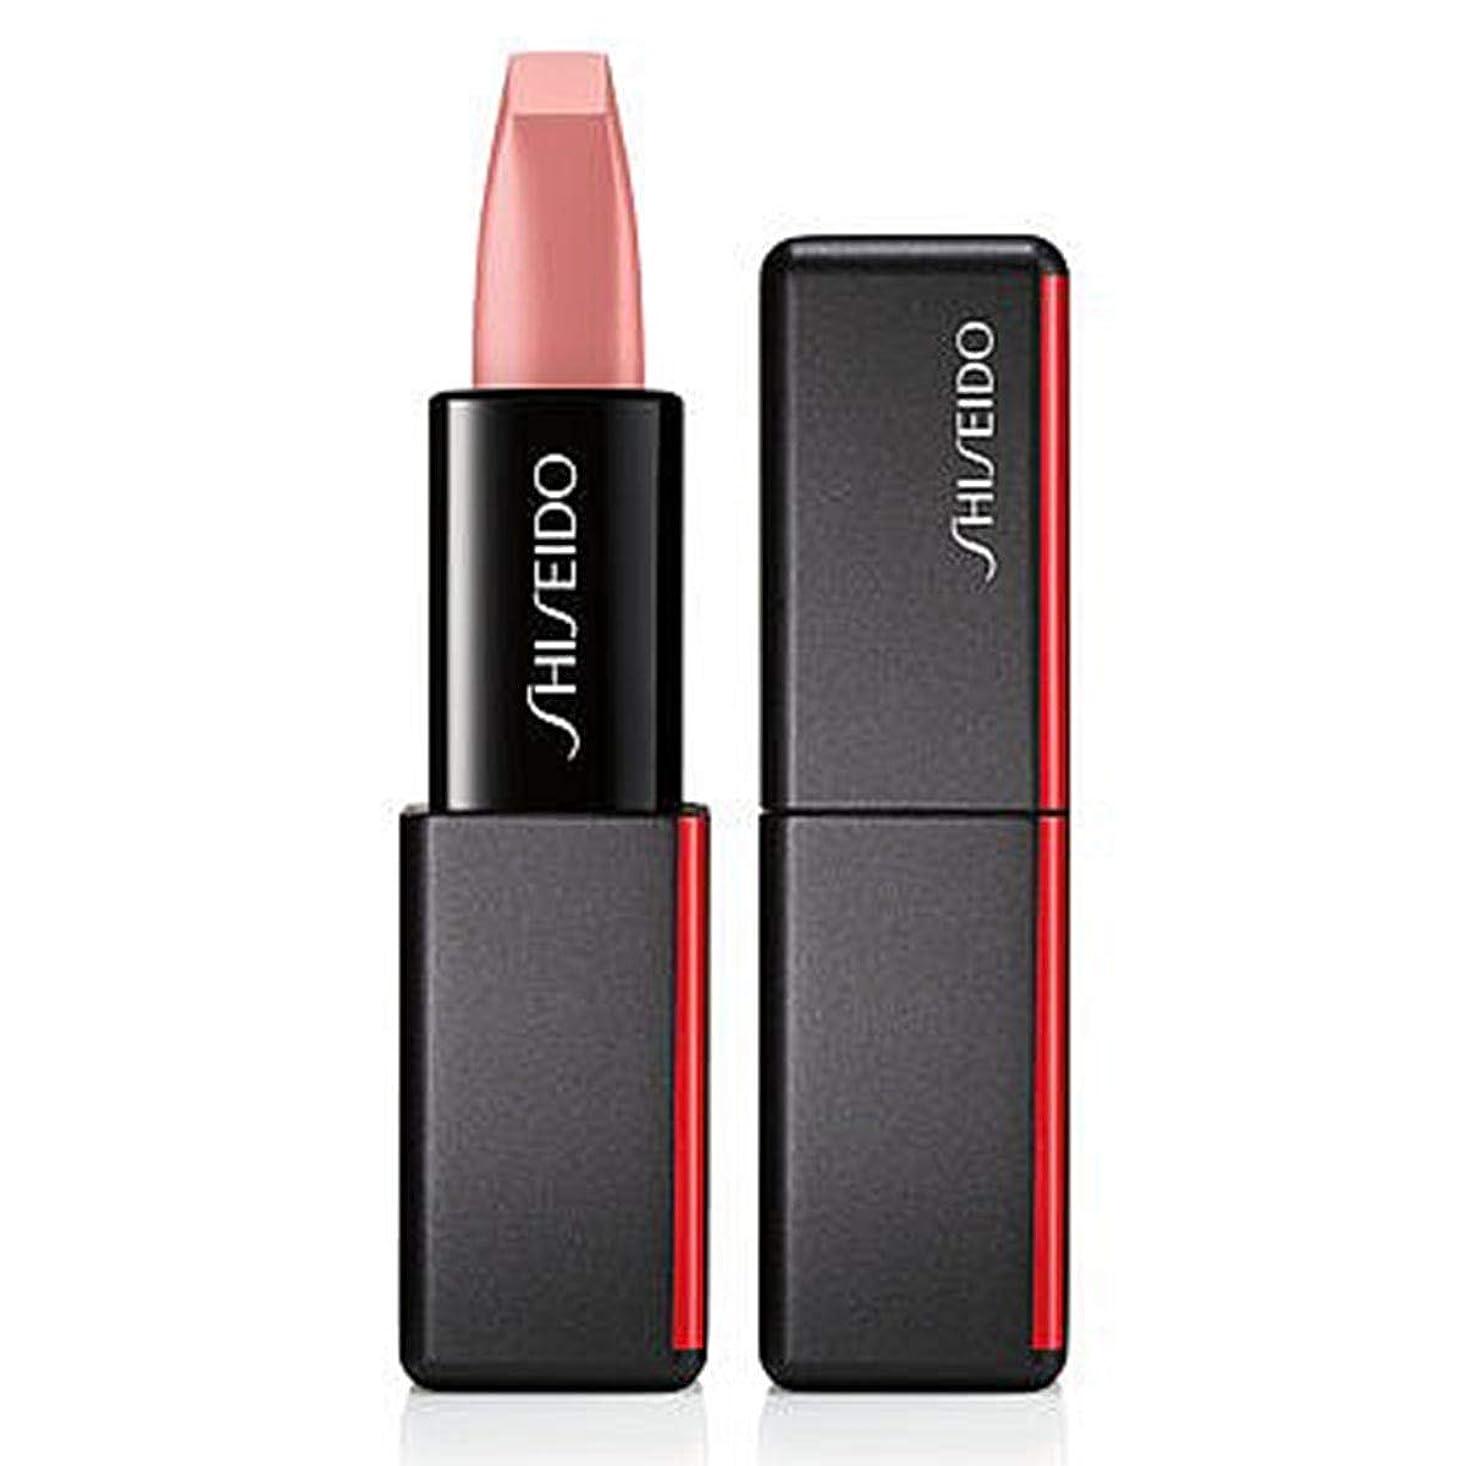 妻突然偽善資生堂 ModernMatte Powder Lipstick - # 501 Jazz Den (Soft Peach) 4g/0.14oz並行輸入品